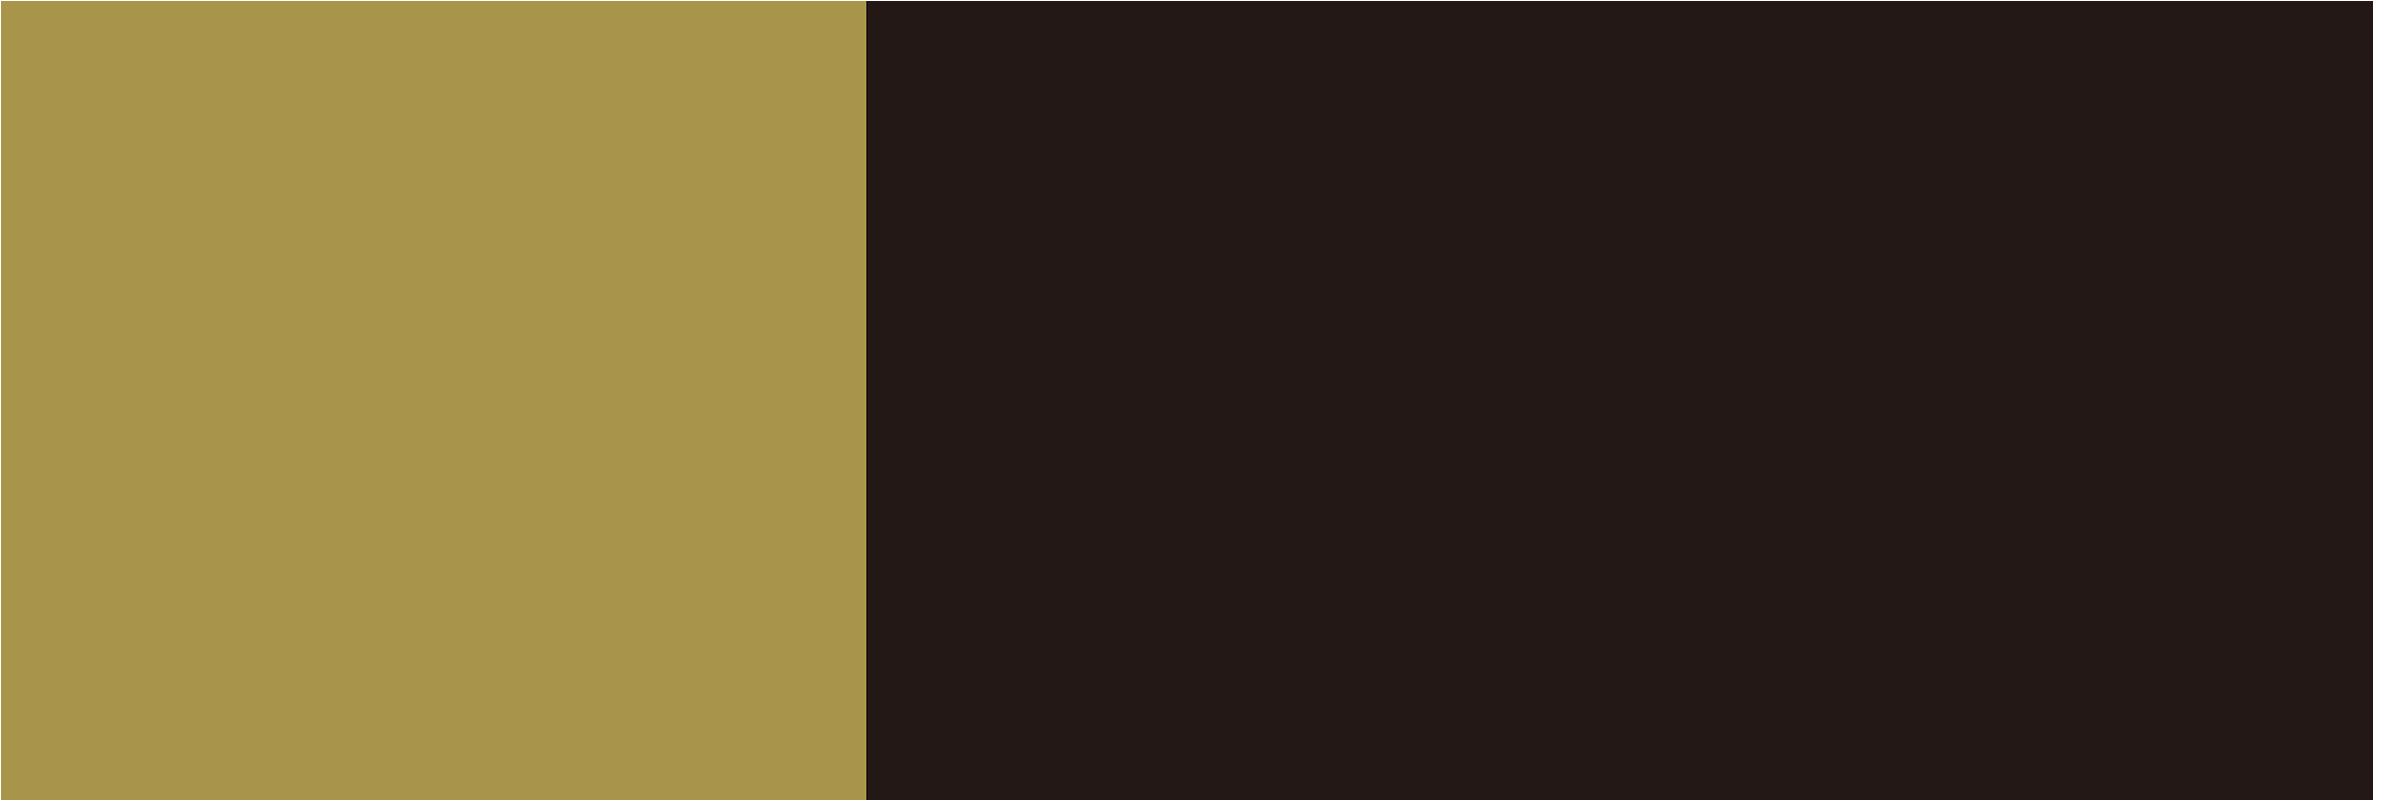 BHY(銀座・渋谷・表参道)